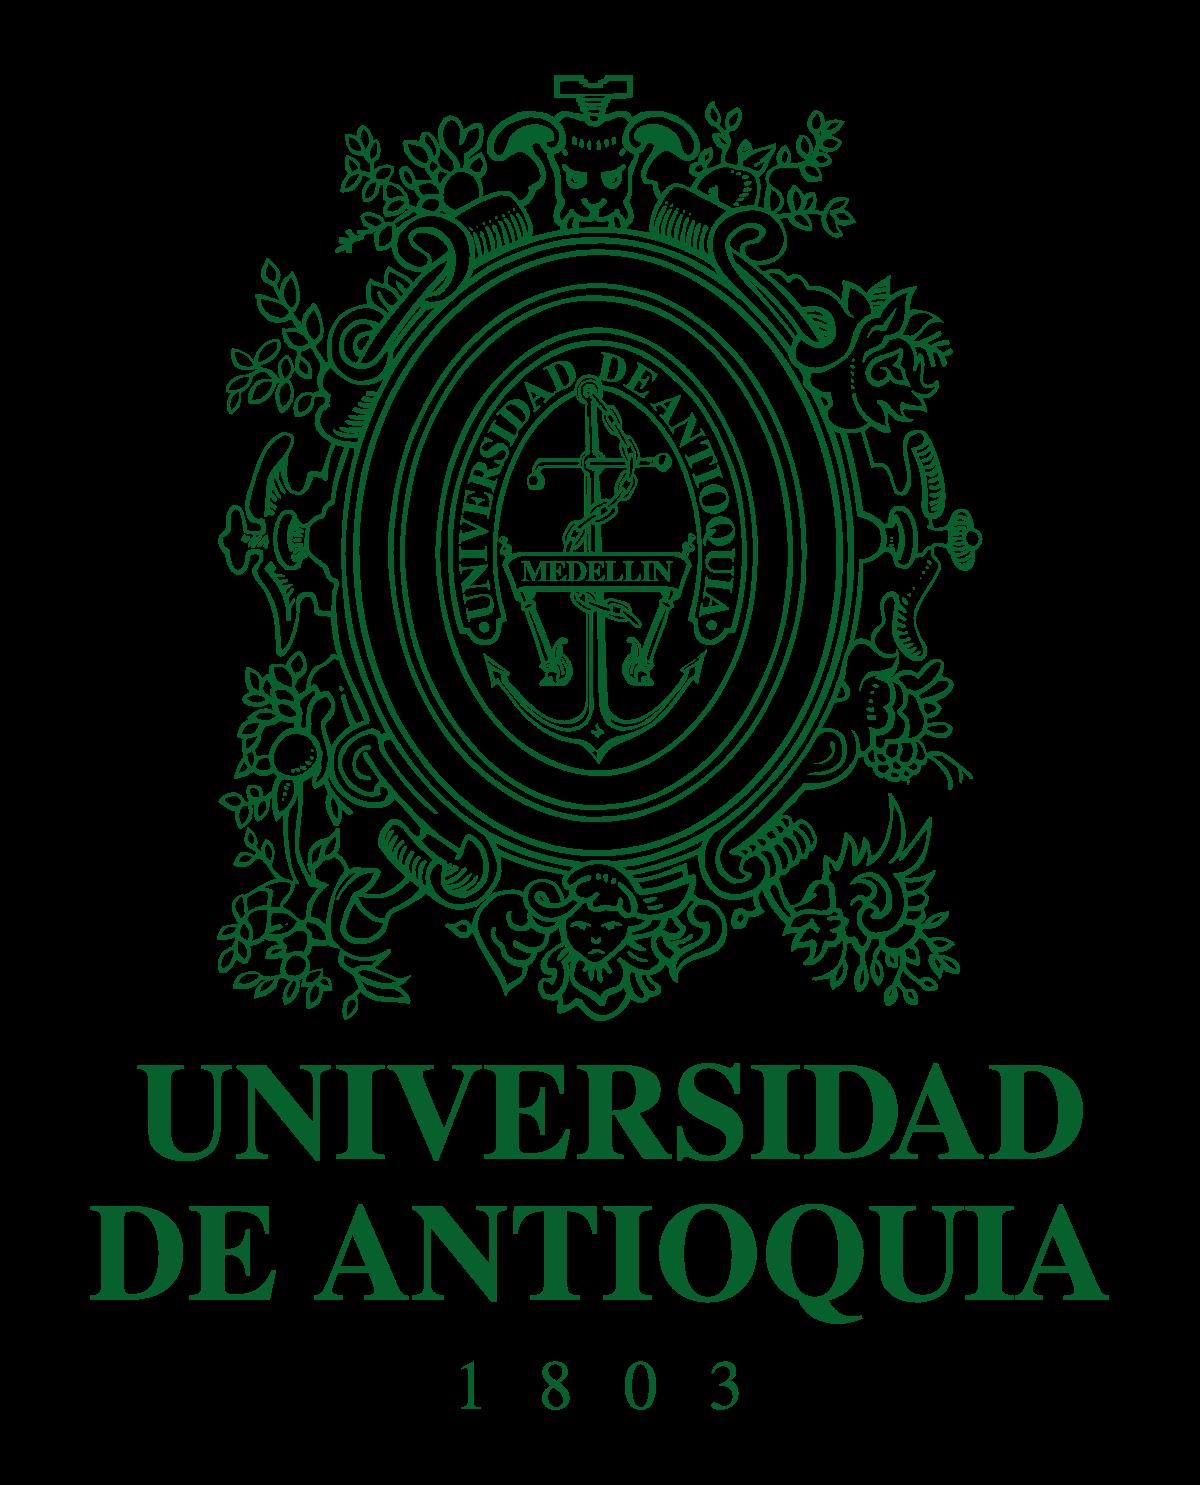 UNIVERSIDAD DE ANTIOQUIA (Colombia)